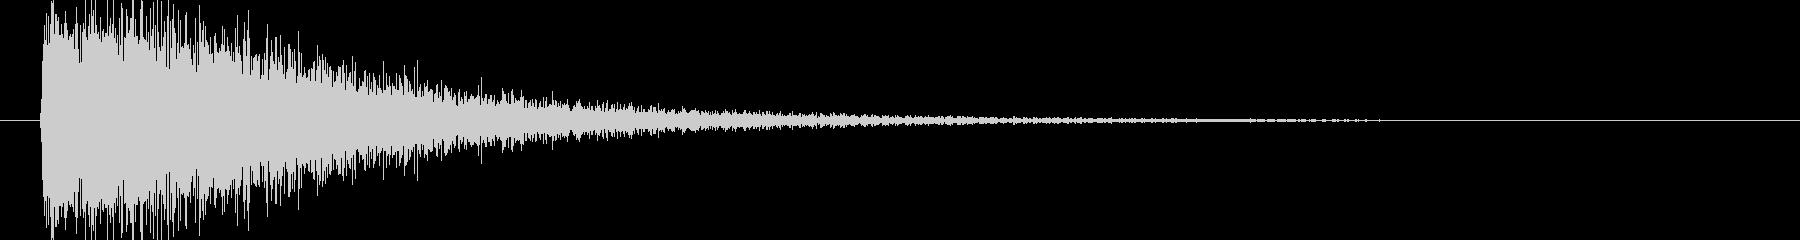 映画告知音95 ドーンの未再生の波形